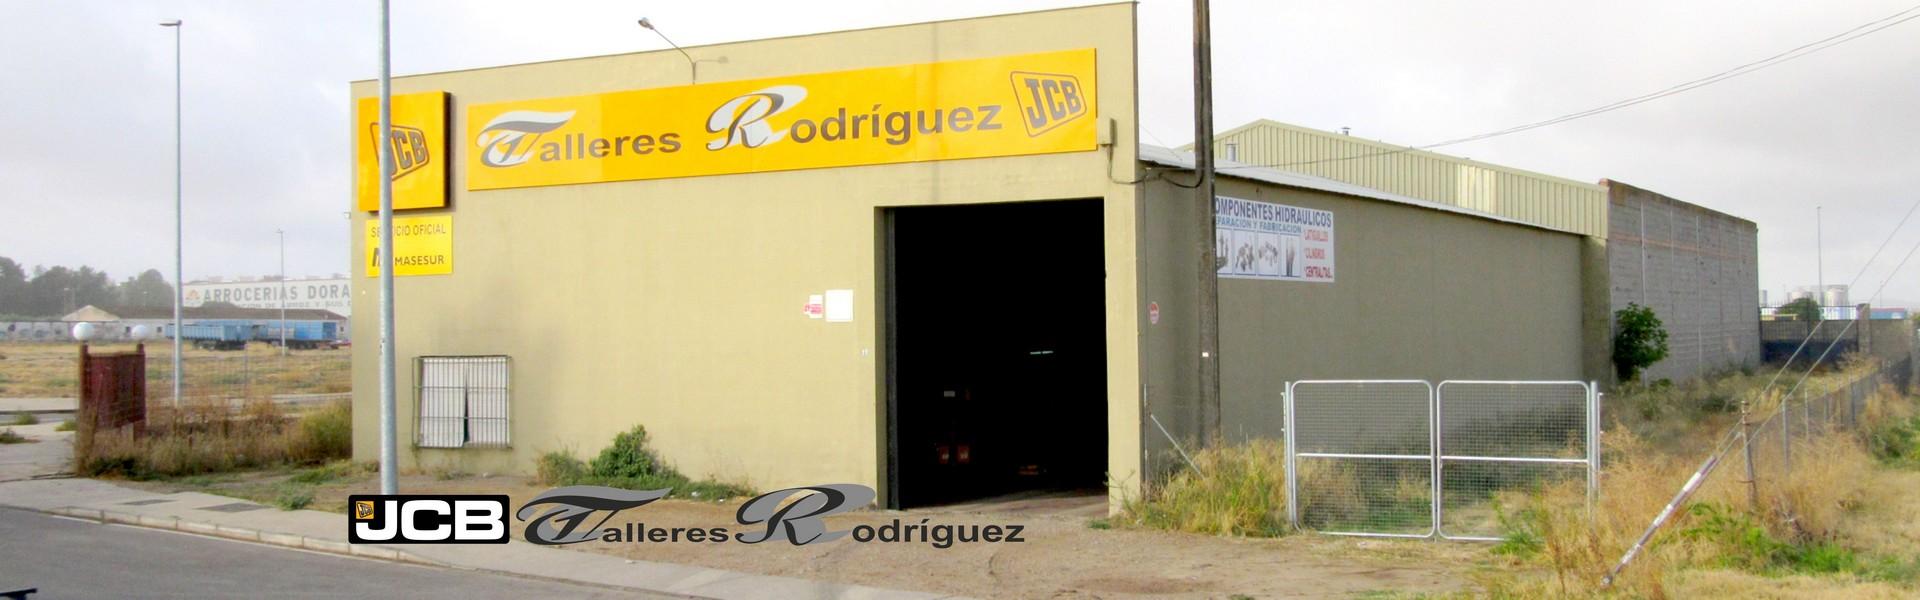 talleres-rodrigue-fachada